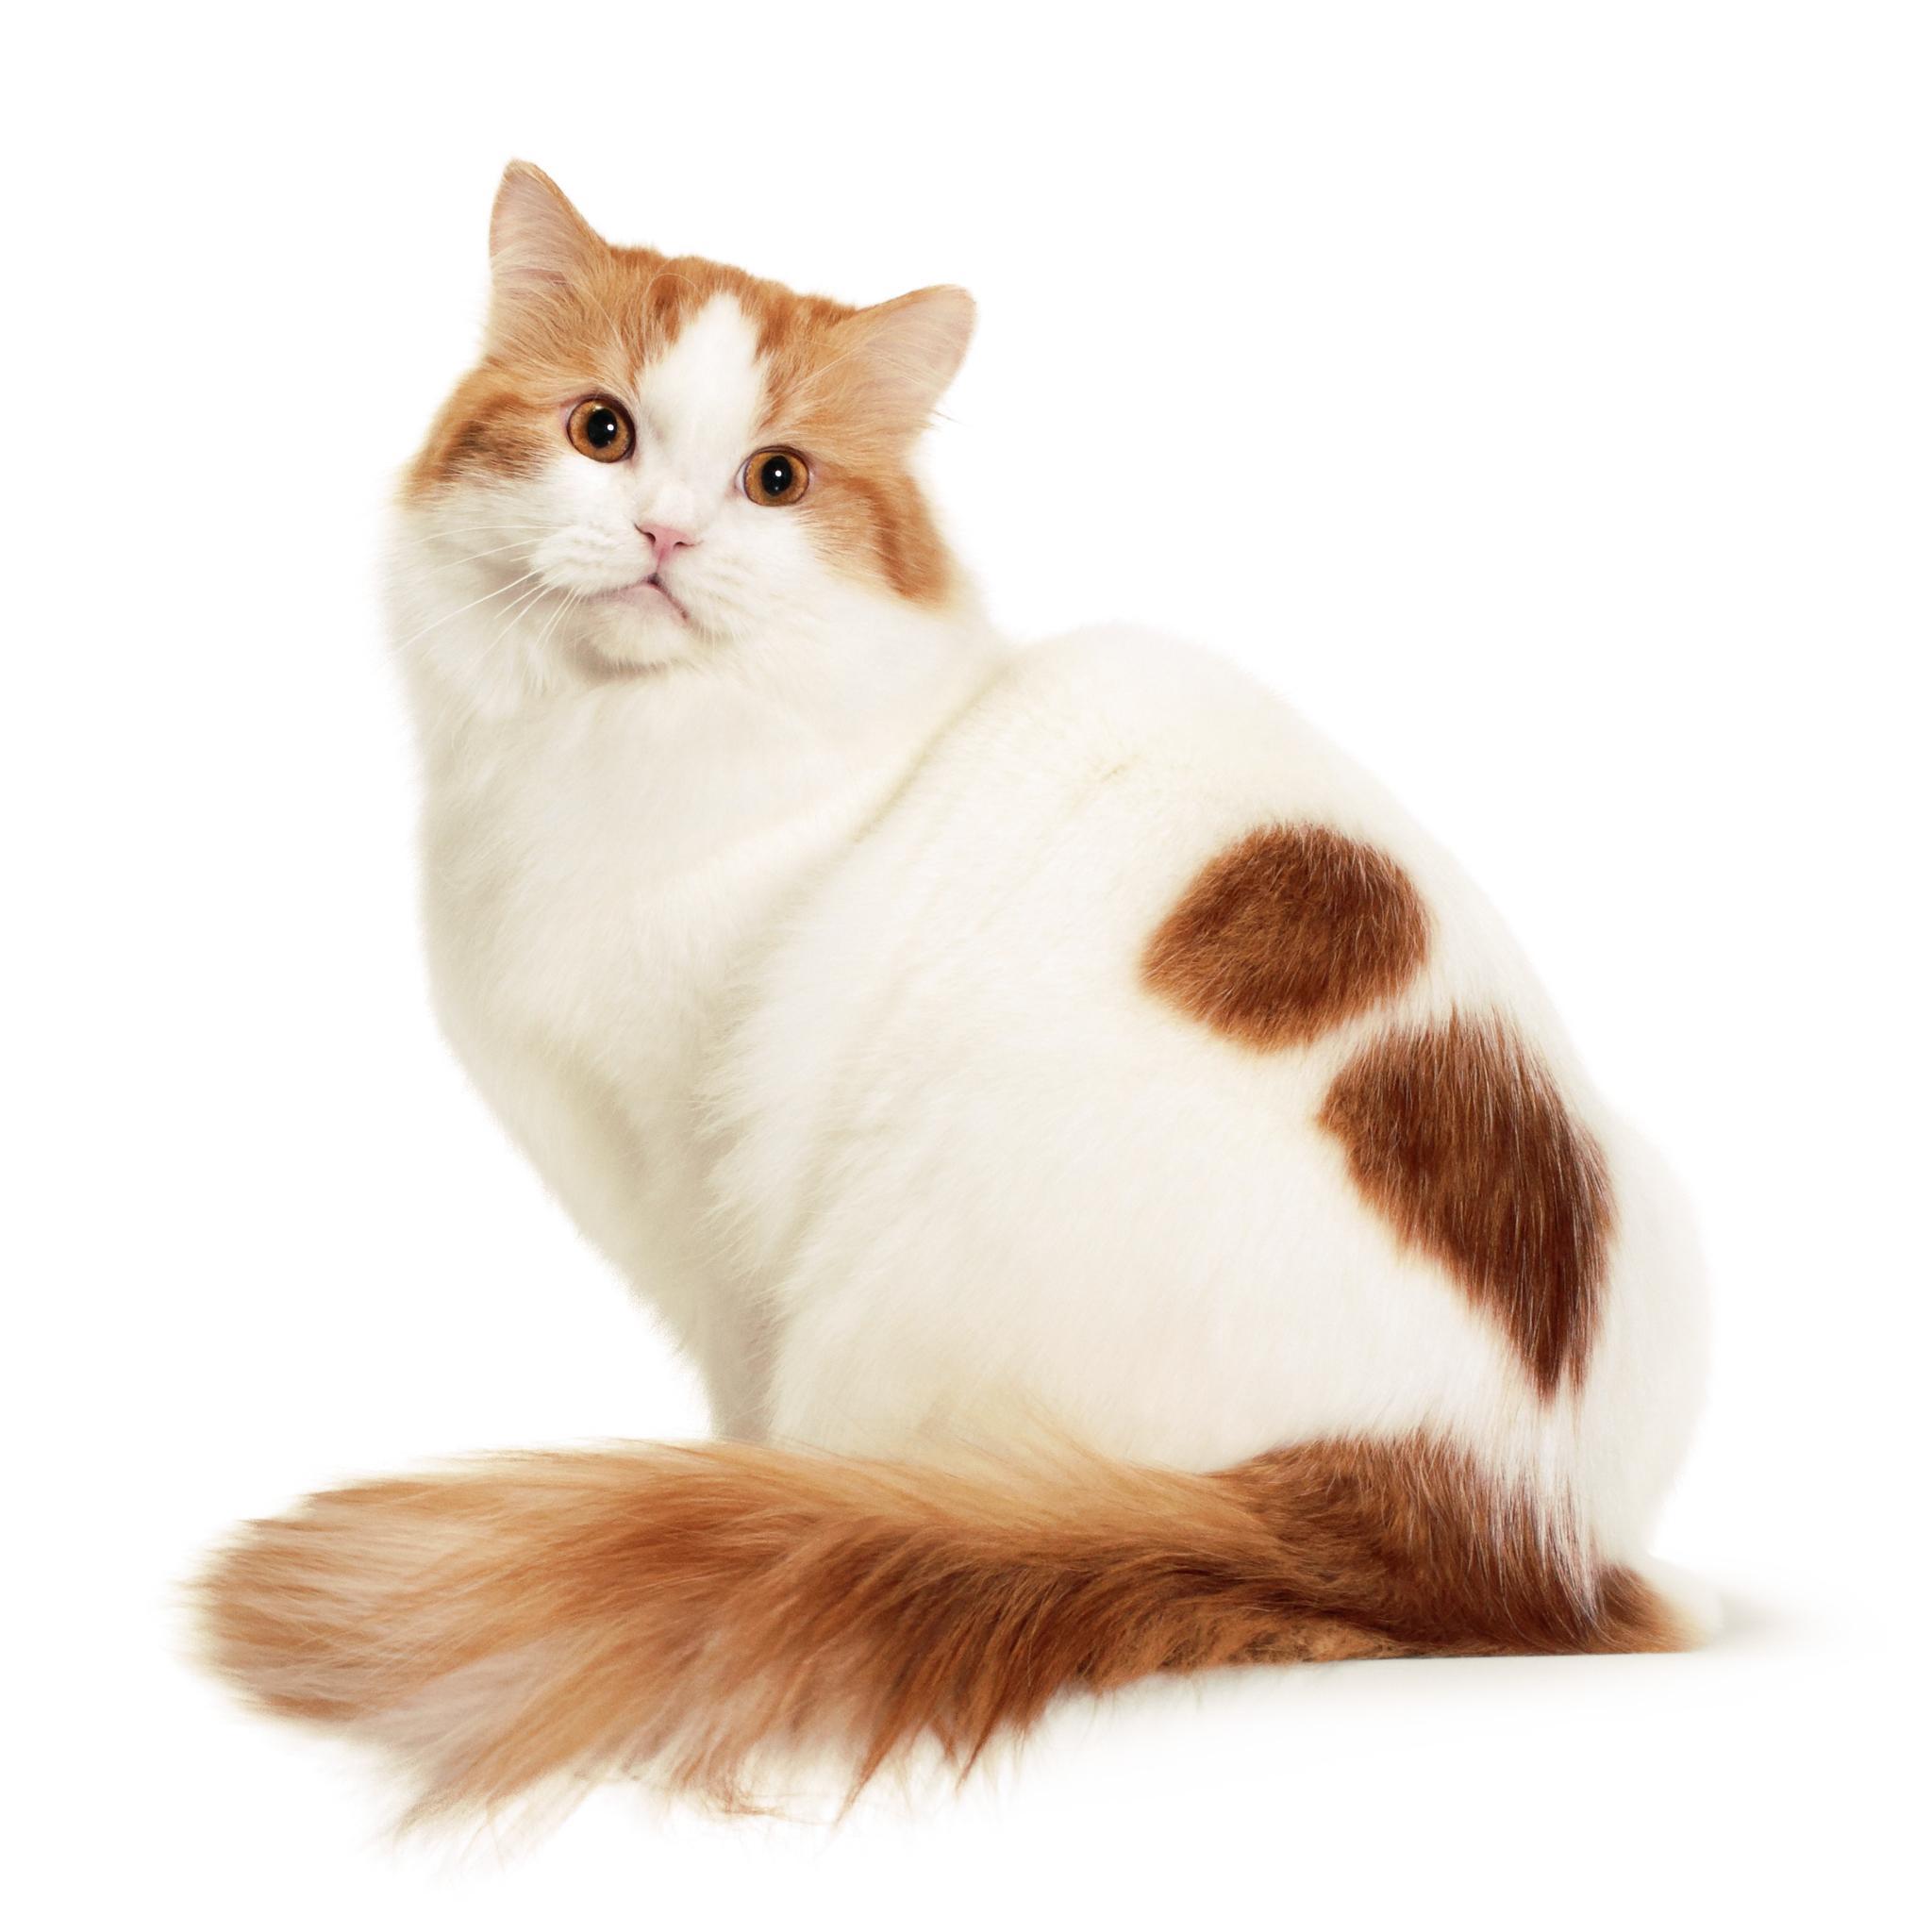 Рагамаффин – фото кошки, описание особенностей породы